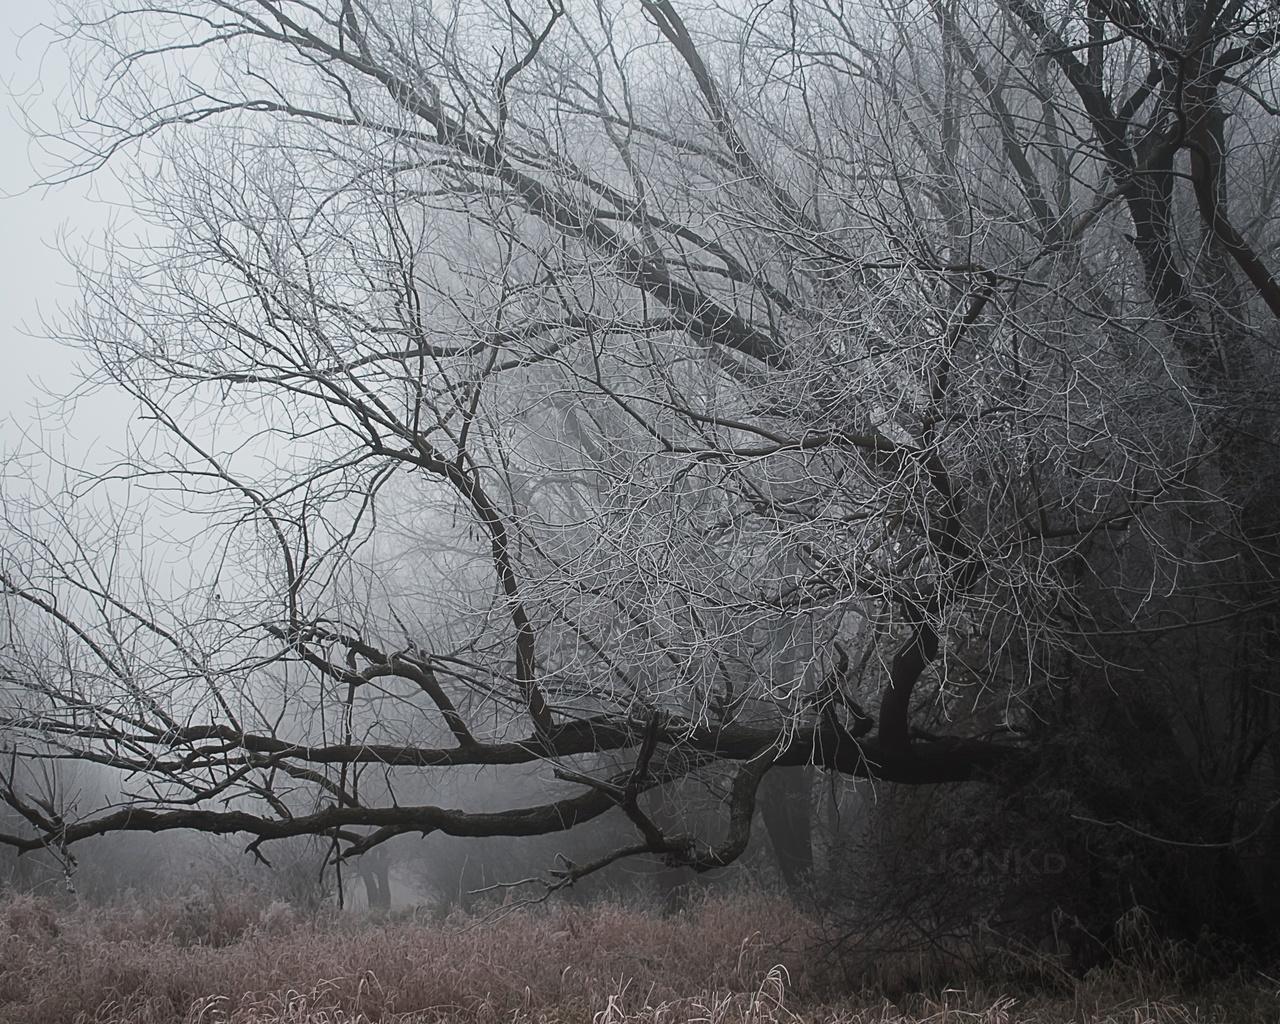 деревья, мороз, трава, туман, холод